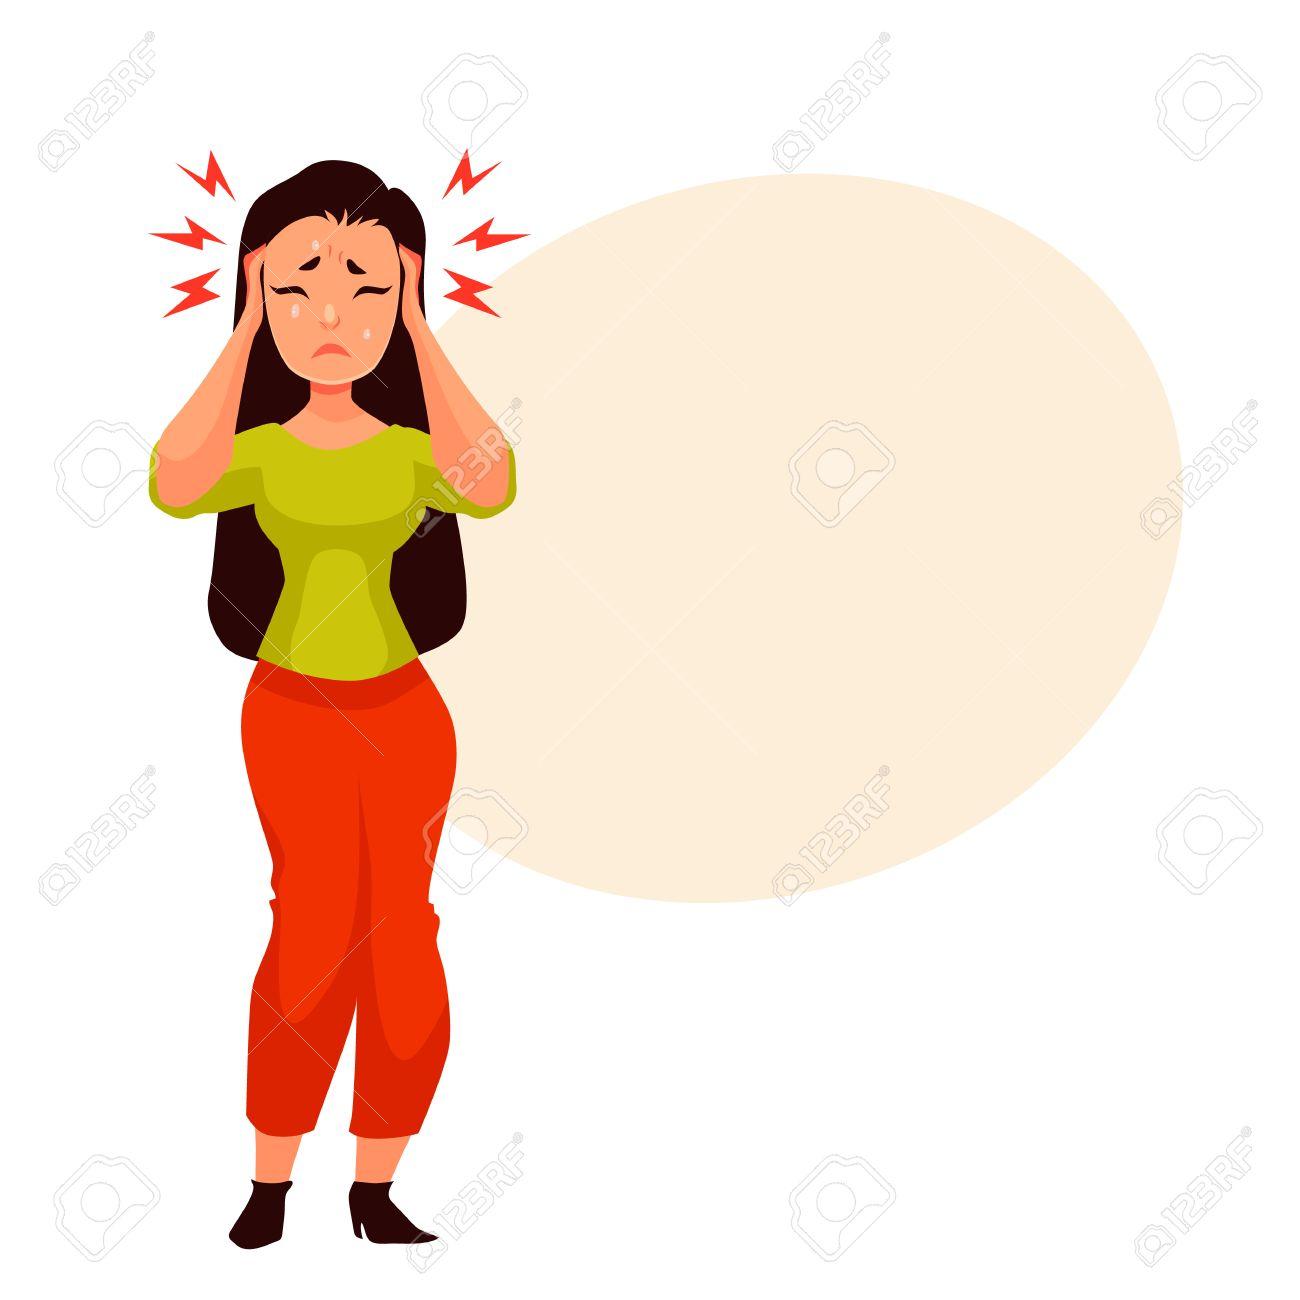 Noir Jeune Femme Aux Cheveux Ayant Un Style Illustration Des Maux De Tête Dessin Animé Isolé Sur Fond Blanc Belle Fille Ayant La Migraine Sensation